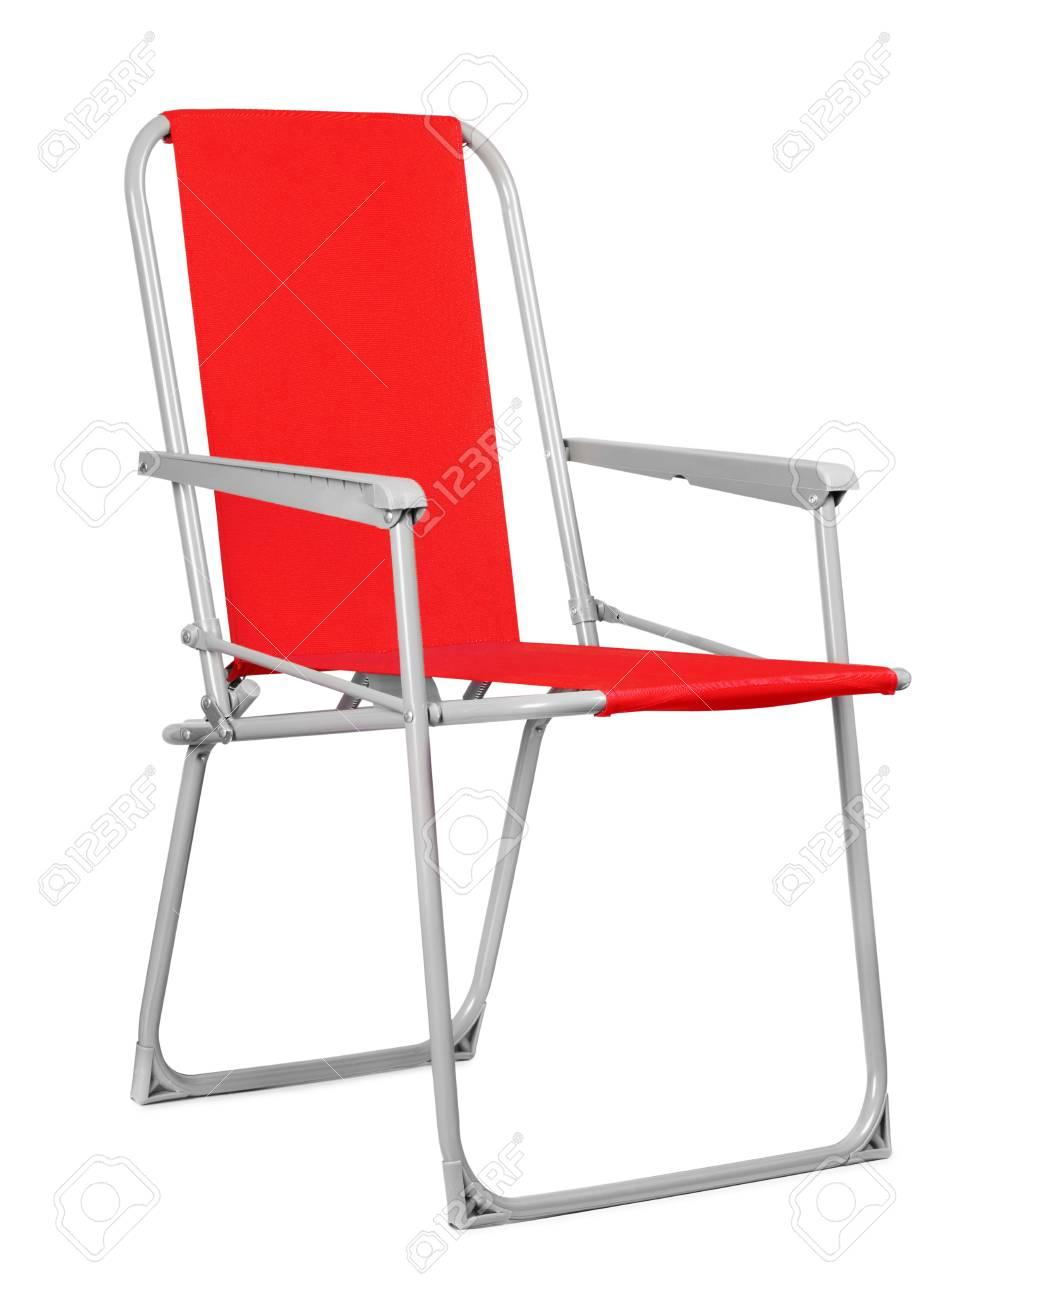 Chaise Pliante Rouge Isole Sur Le Fond Blanc Banque DImages Et